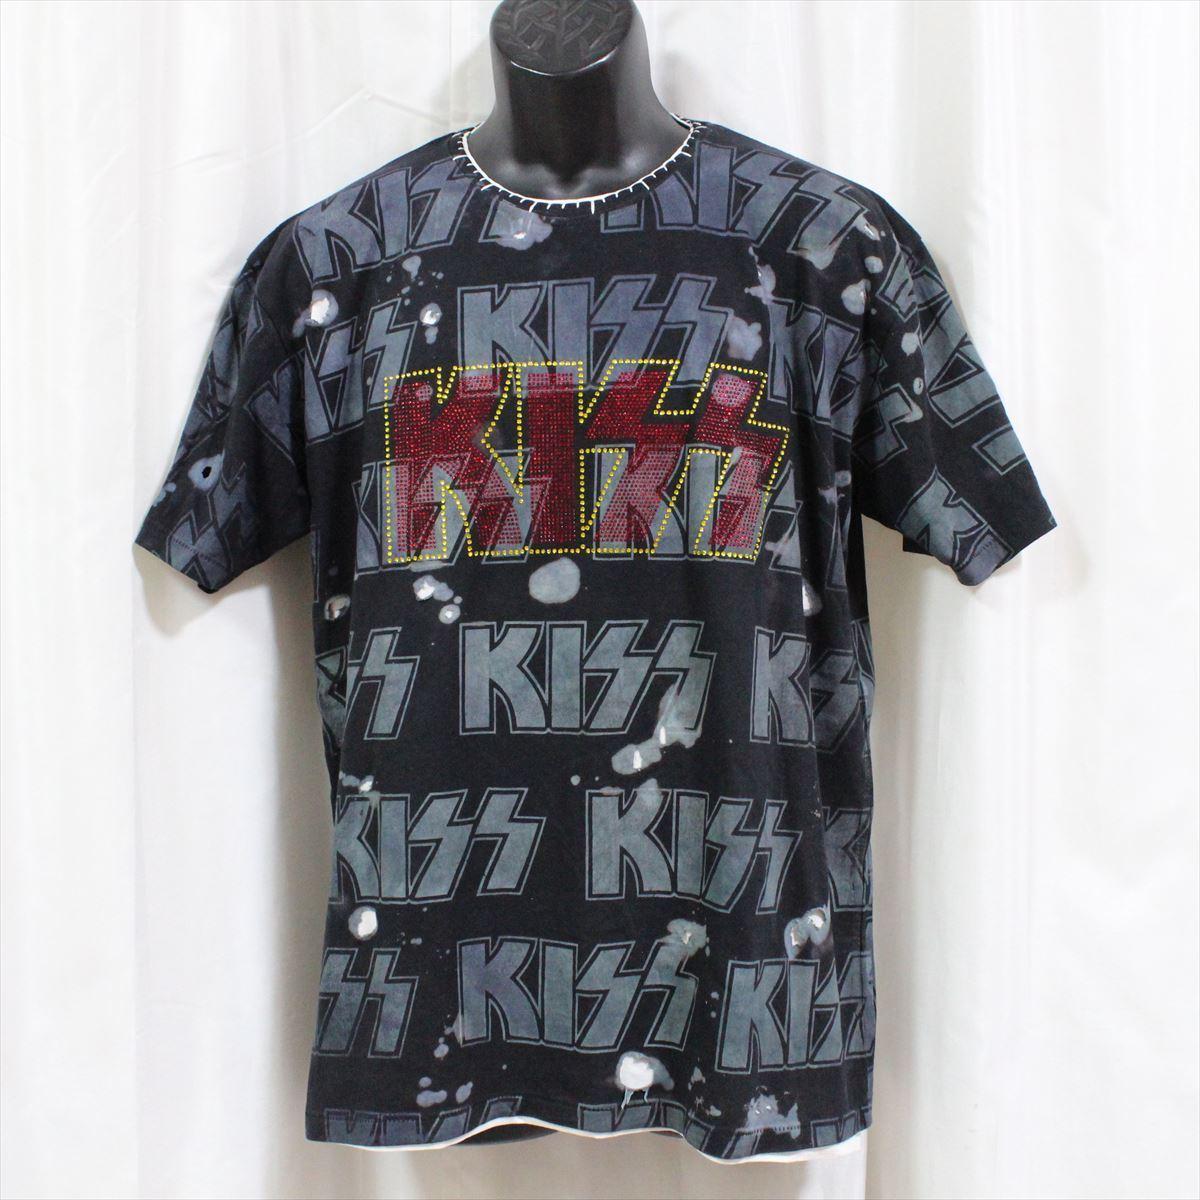 サディスティックアクション SADISTIC ACTION アイコニック メンズ半袖Tシャツ KISS Mサイズ ICONIC COUTURE 新品_画像1